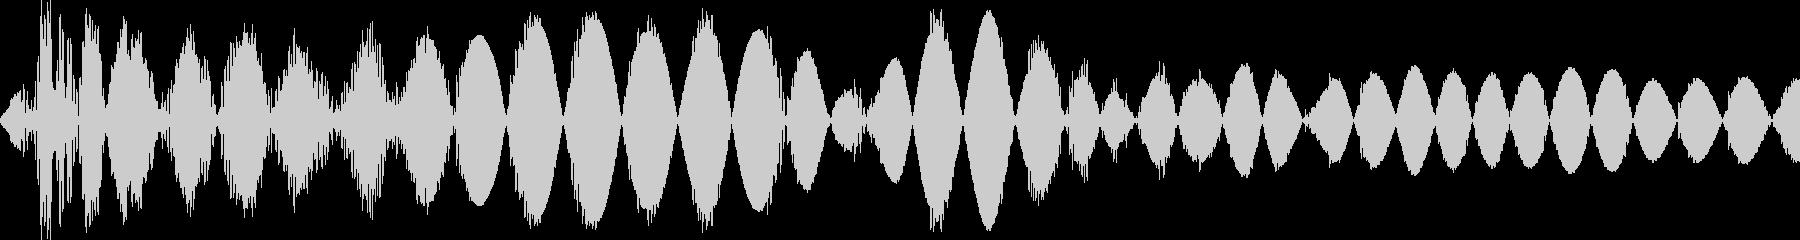 ドス(決定 カーソル移動 コミカル殴り)の未再生の波形